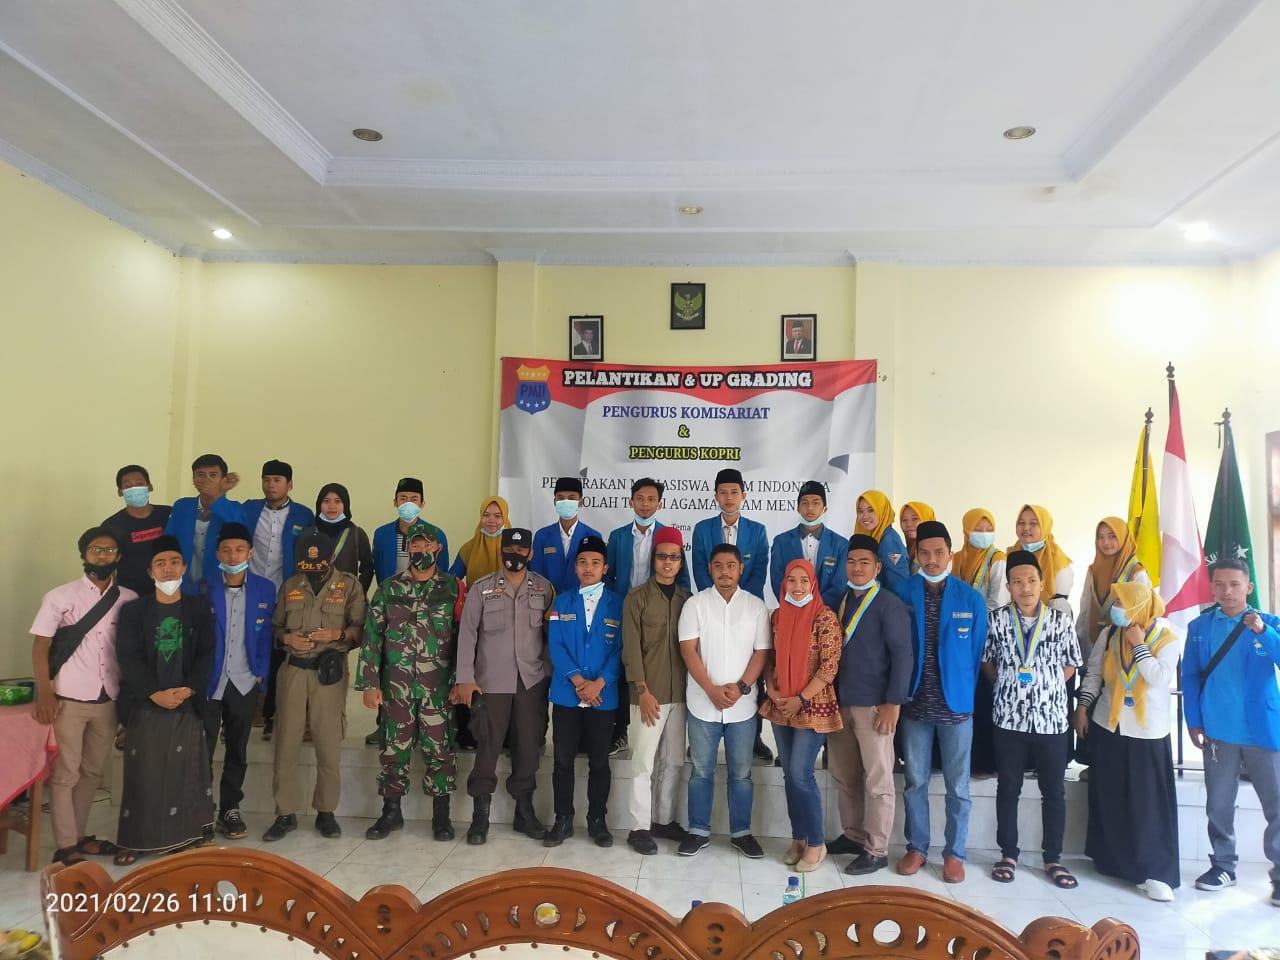 Gambar Pelantikan Pengurus Komisariat PMII Menes, Ucu Fahmi : Pengurus Baru Semangat Baru 17